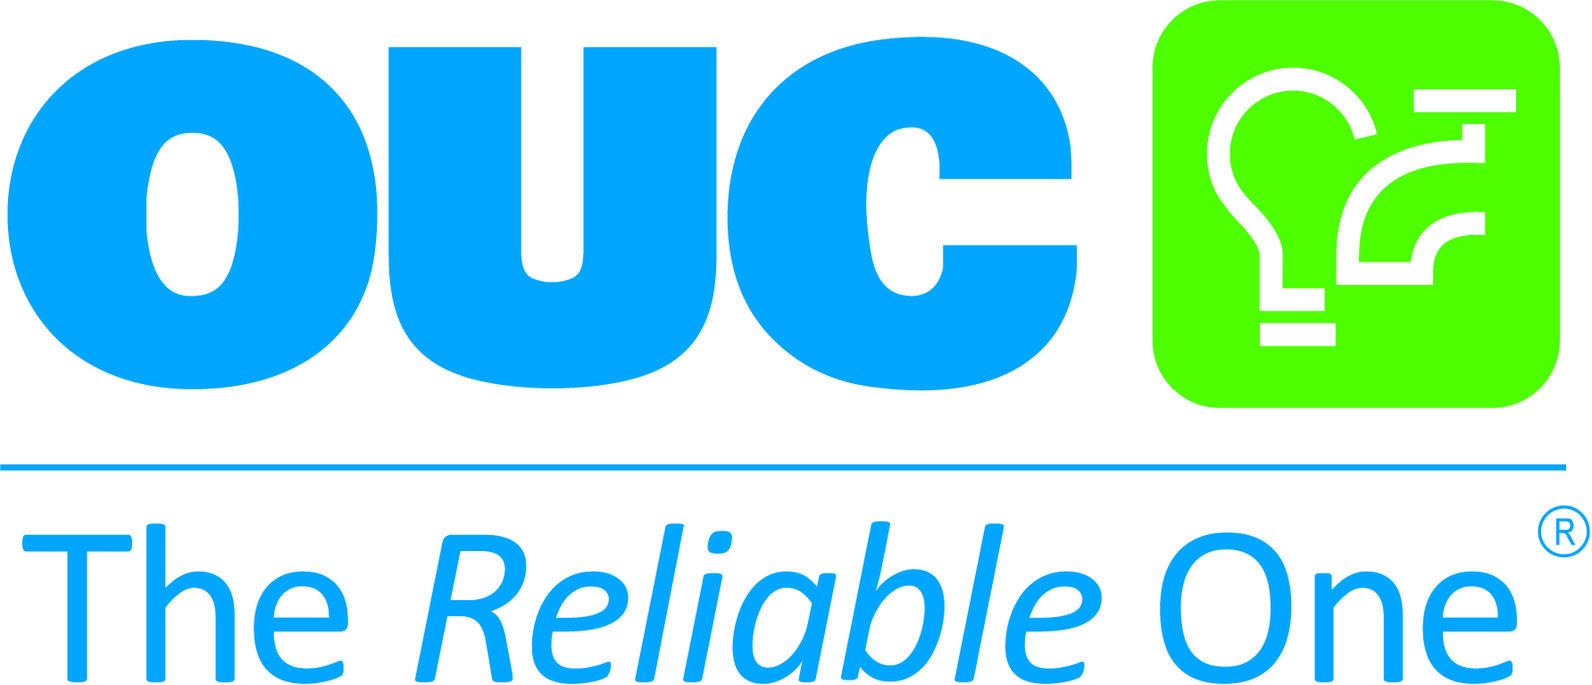 Orlando Utilities commission logo